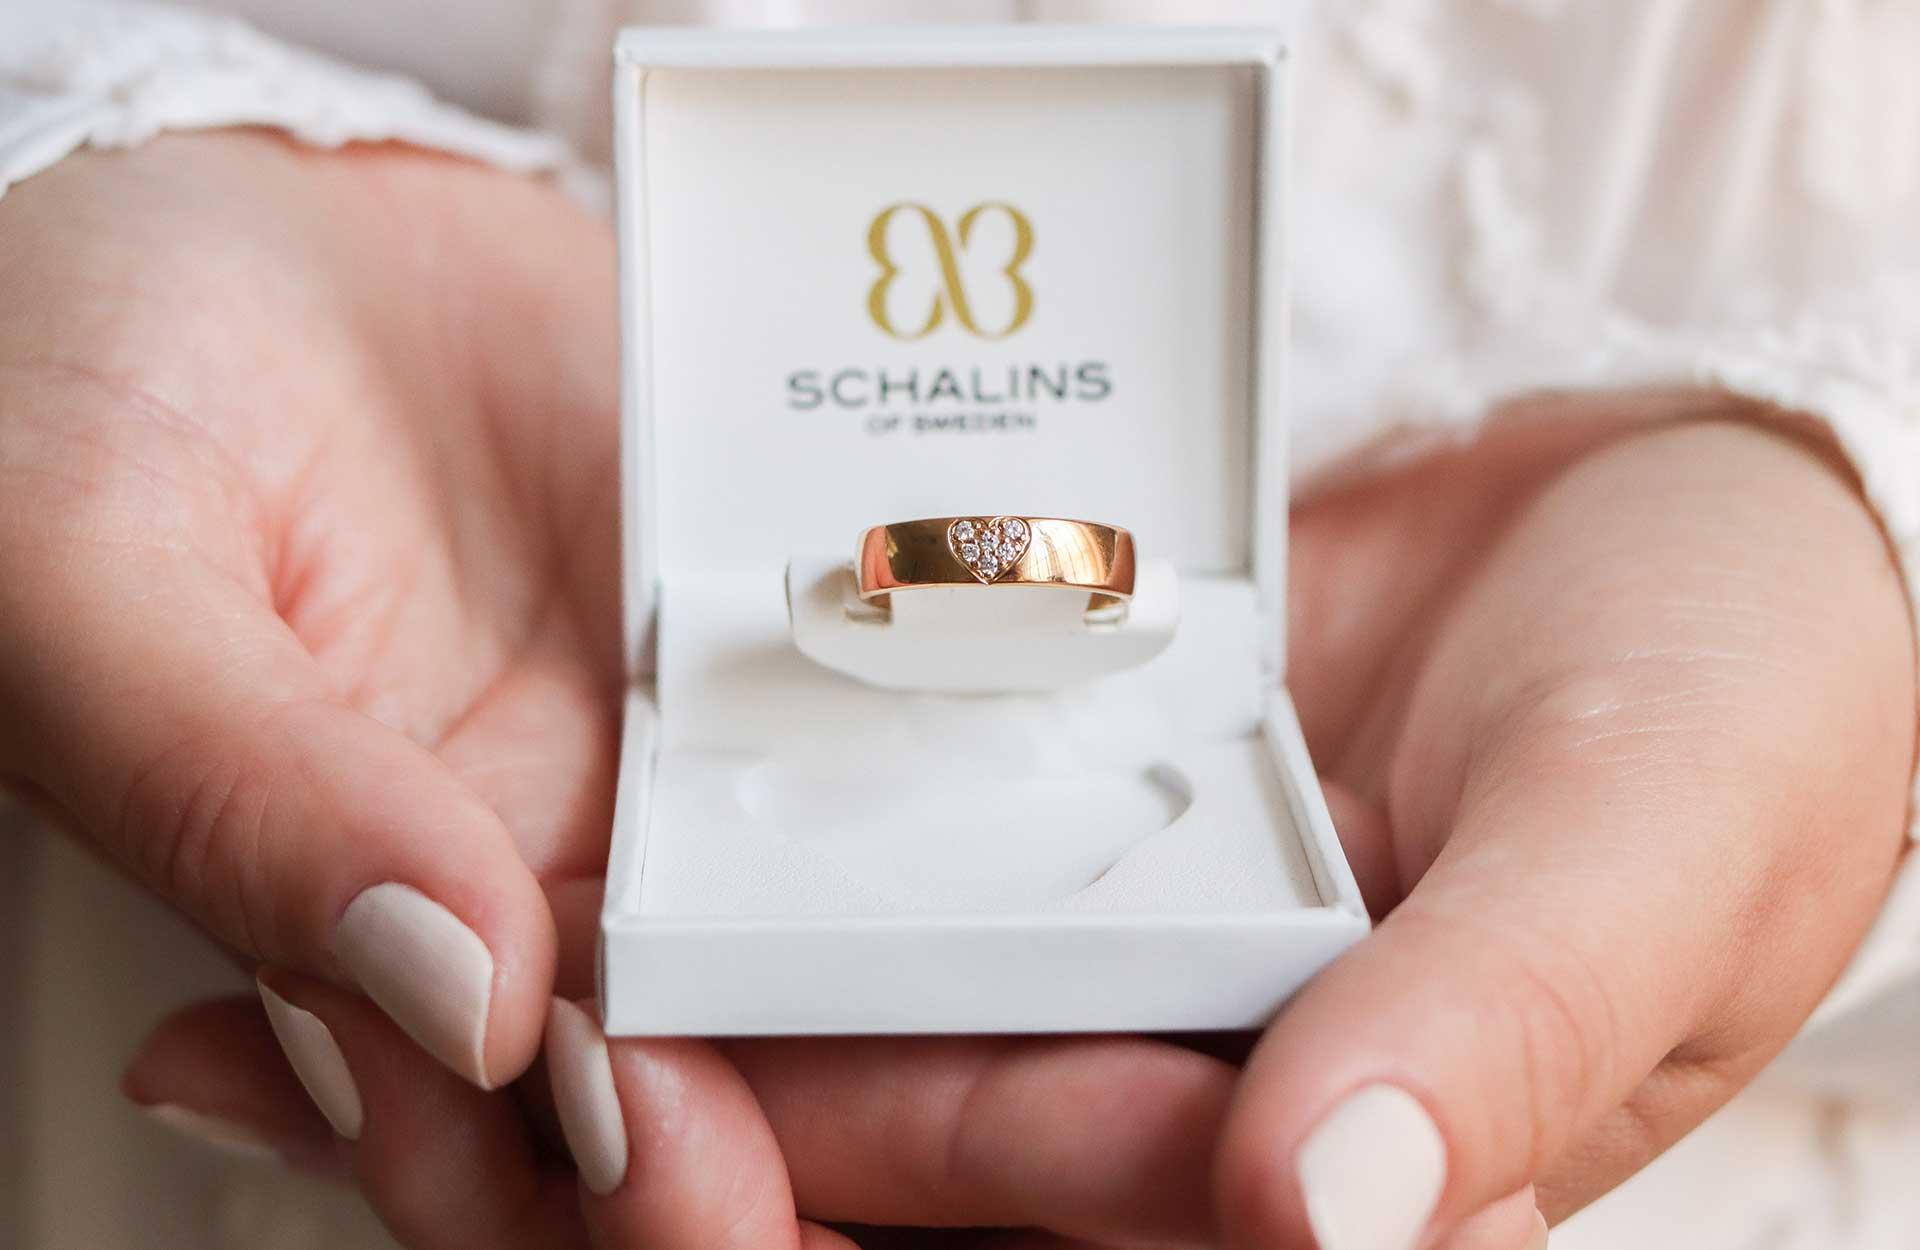 Schalins of Sweden